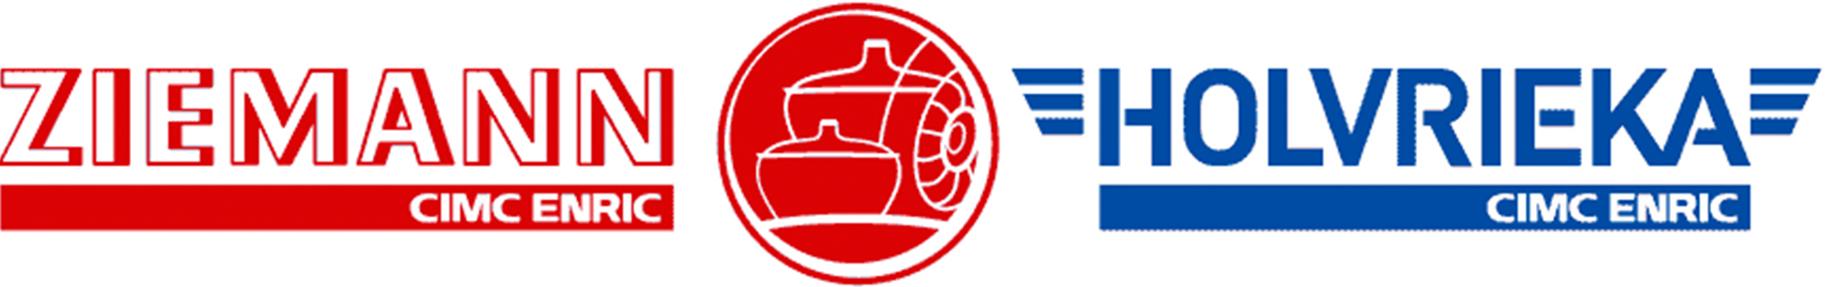 Ziemann Holvrieka logo Metalfinish Group